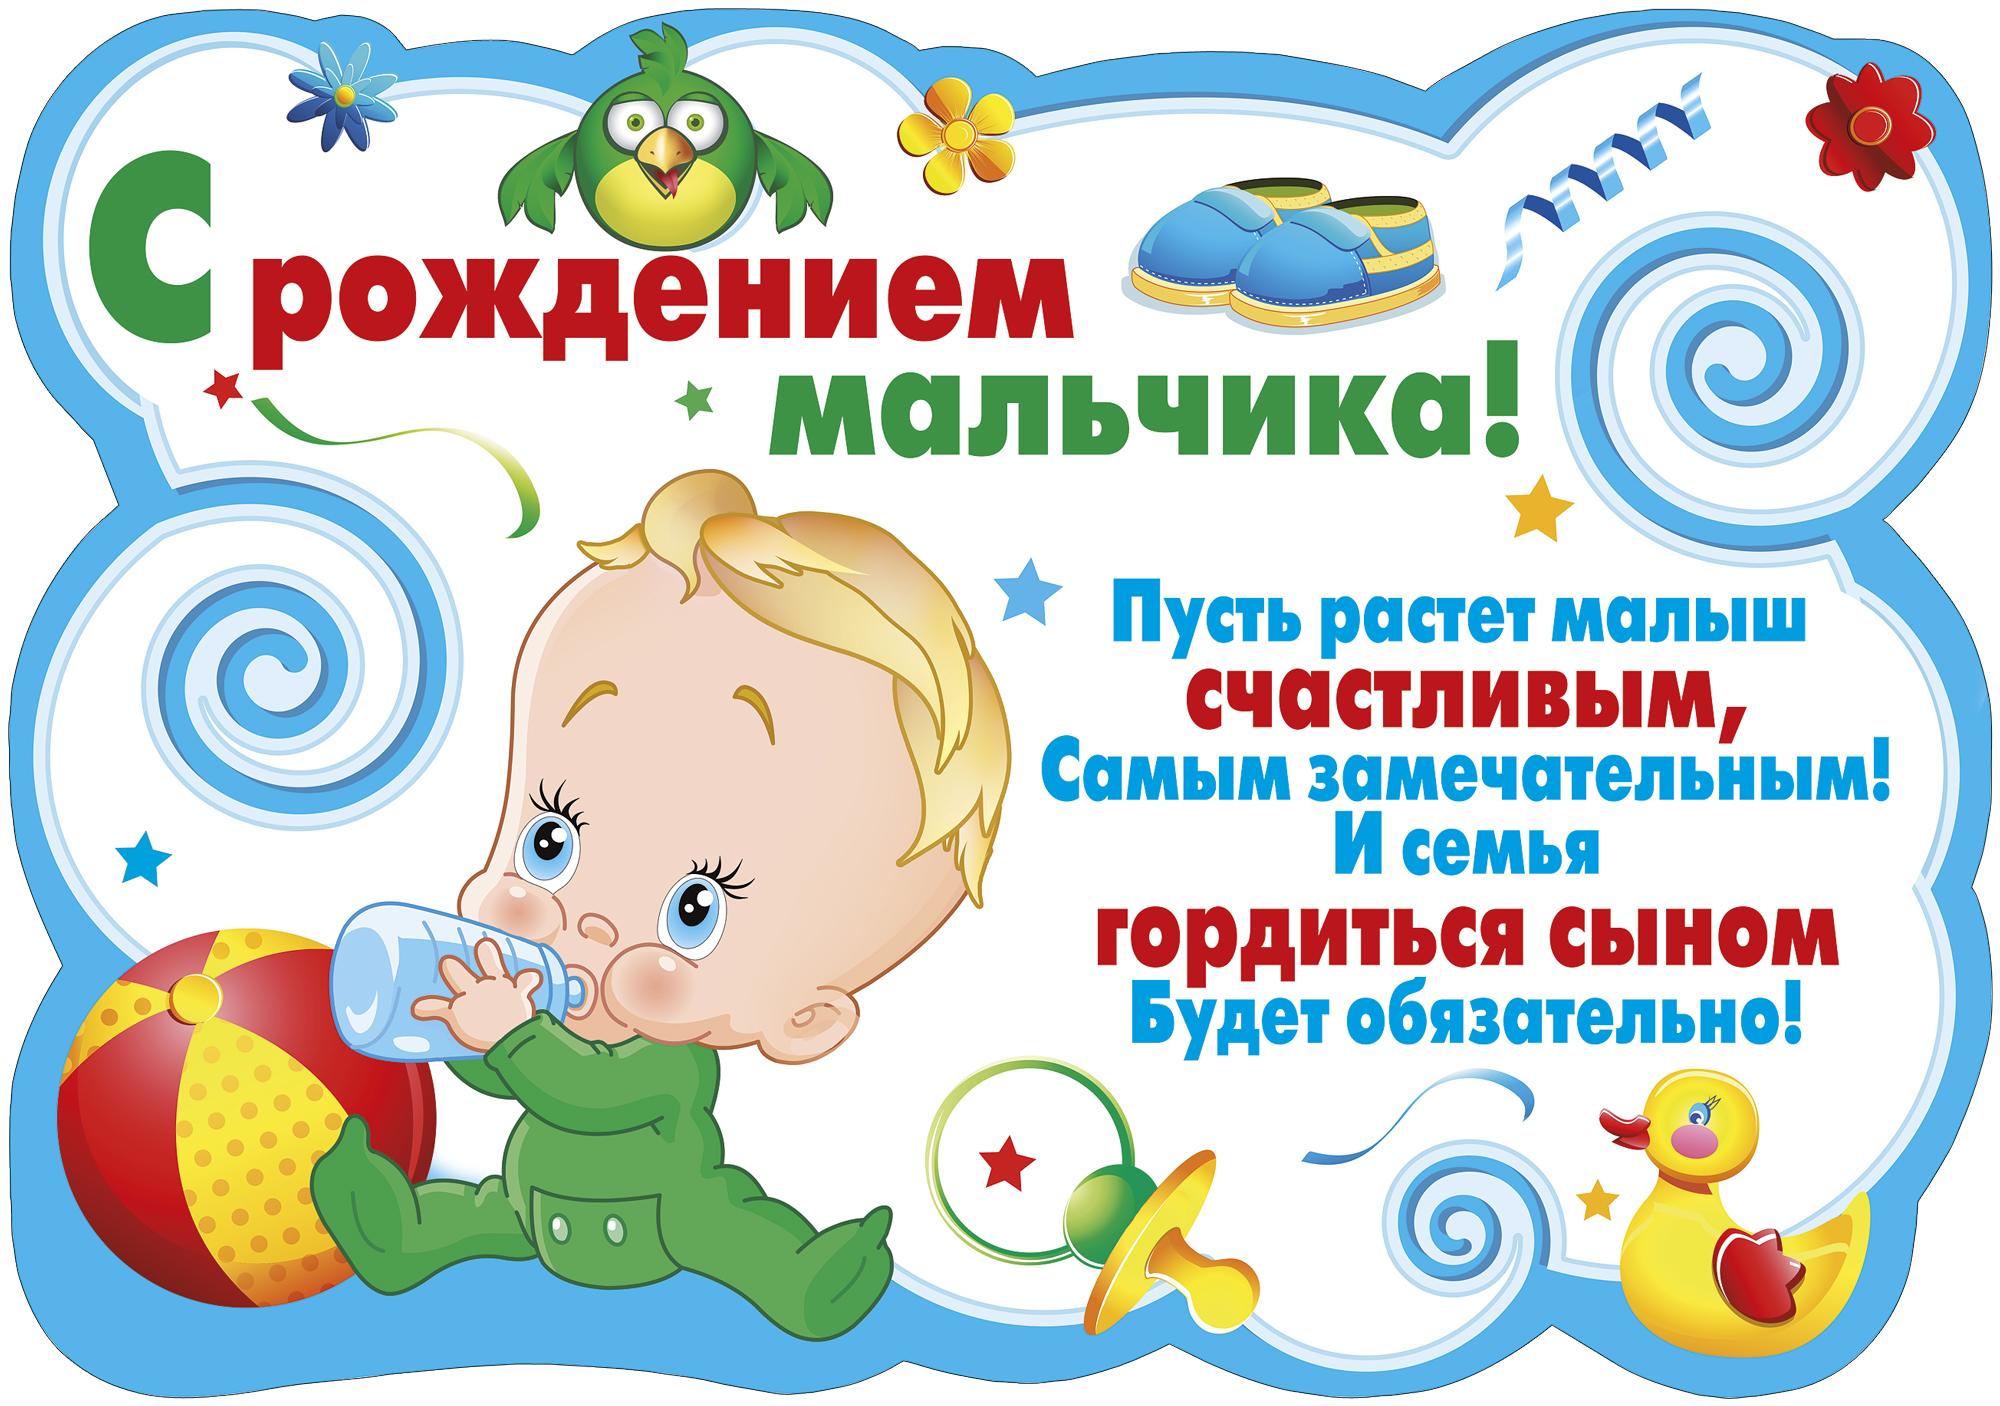 Поздравления с рождением ребенка мальчика прикольные